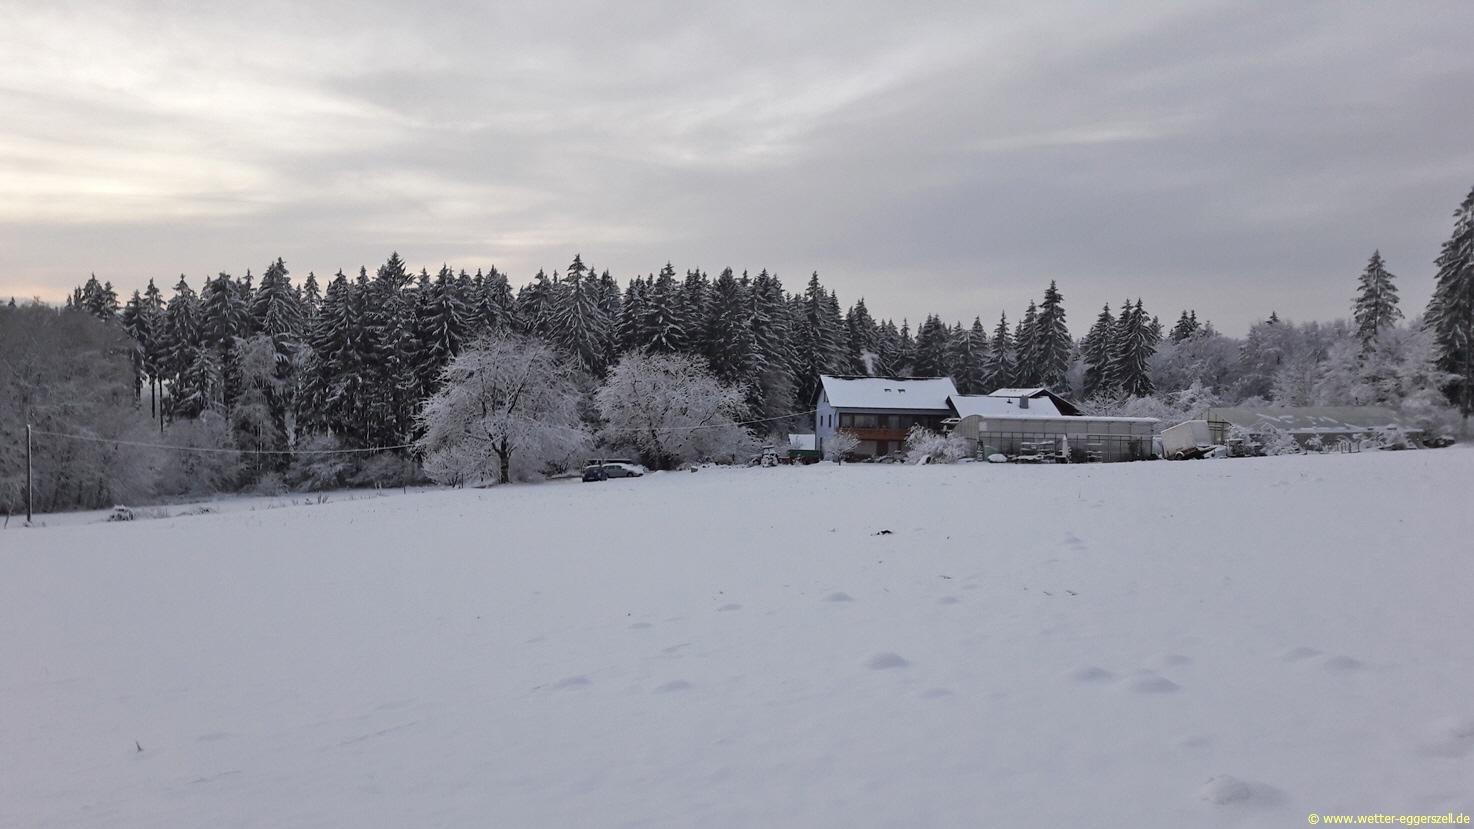 http://wetter-eggerszell.de/images/20181127_163223-.jpg